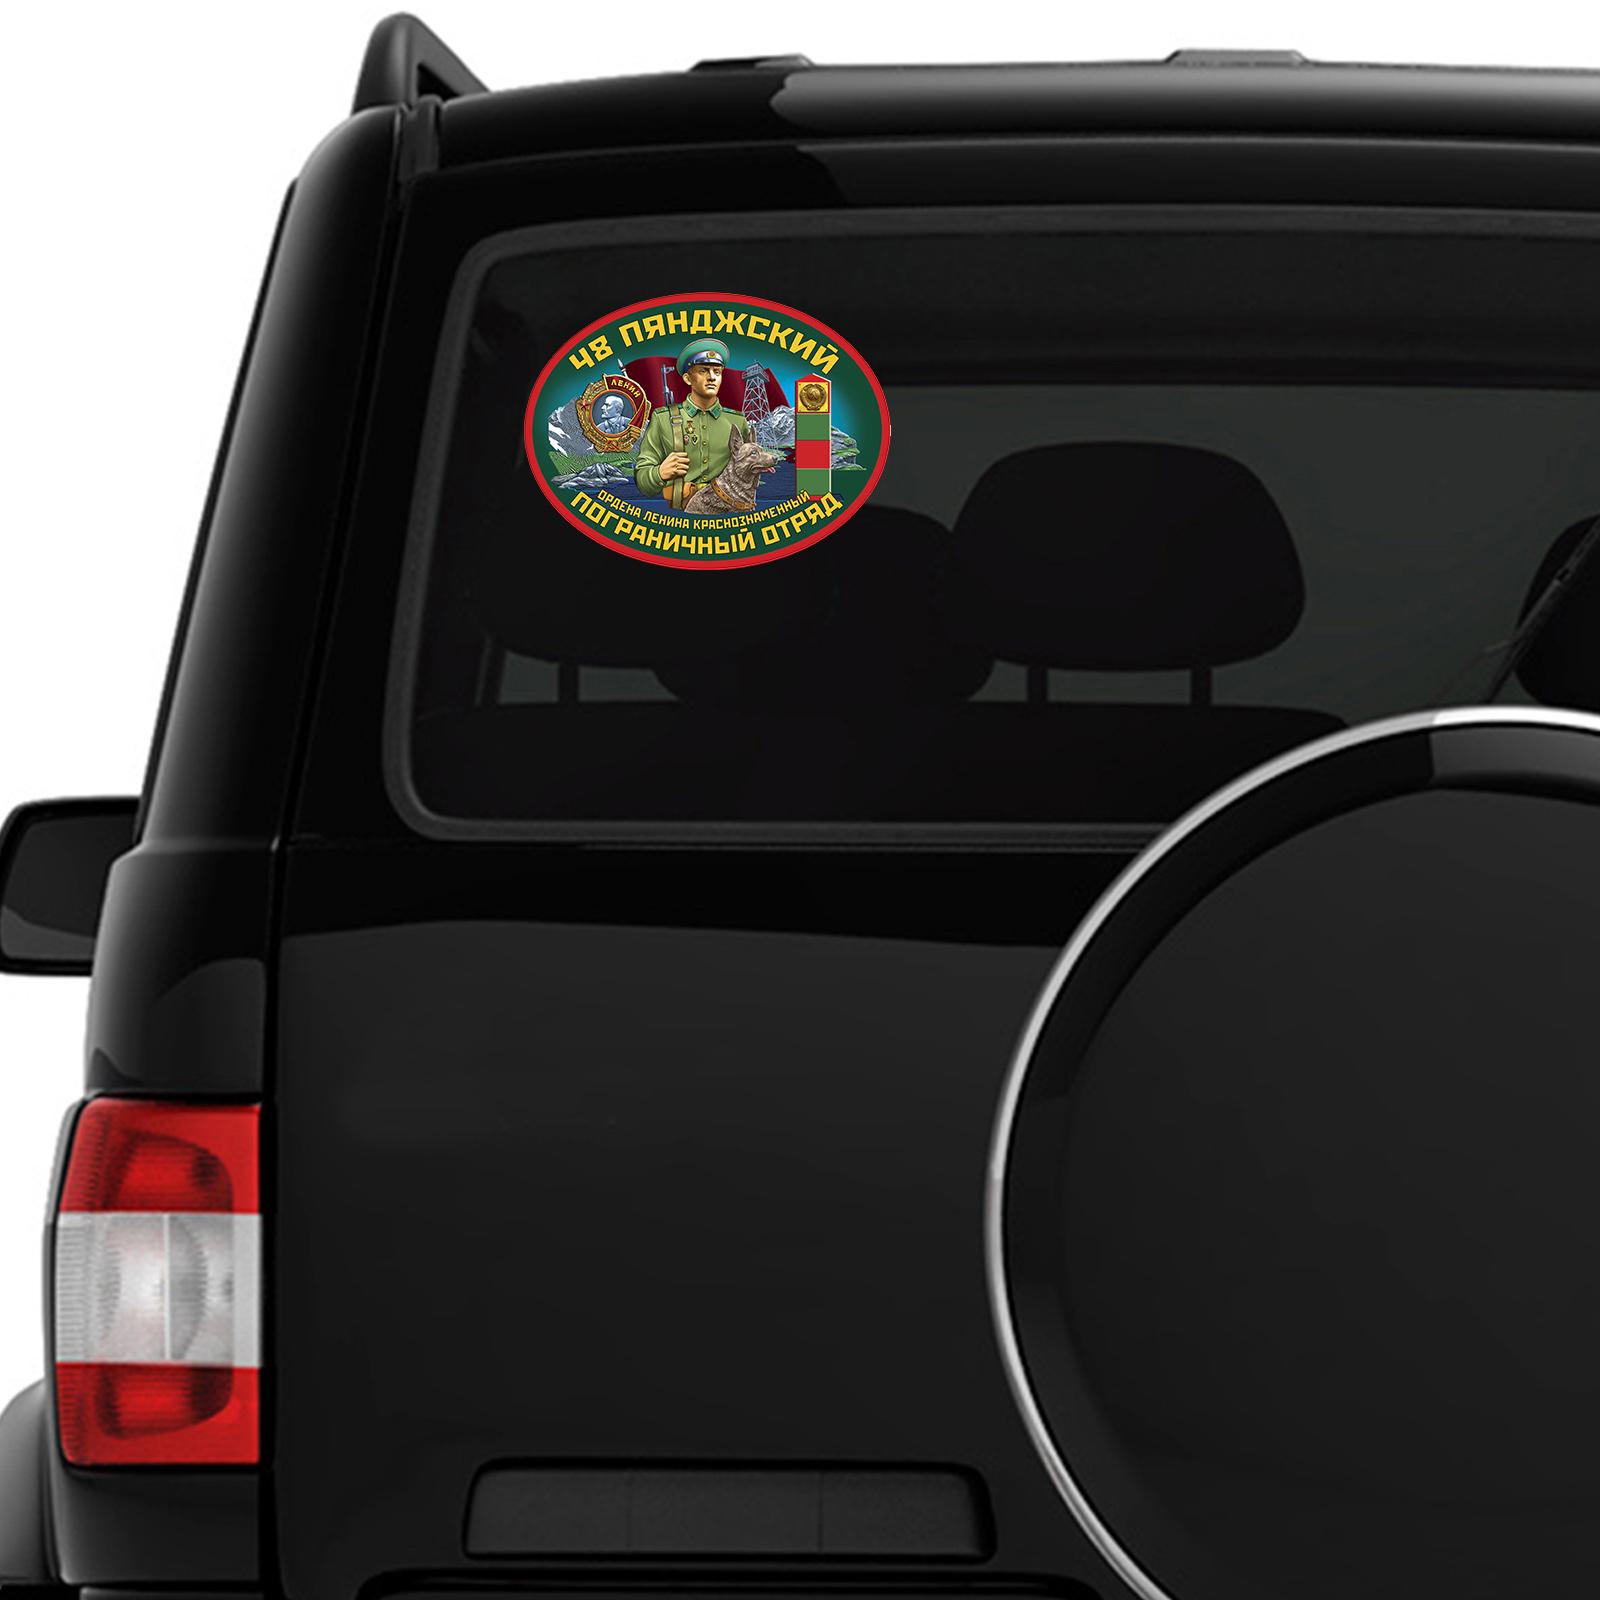 Наклейка на машину 48 Пянджский пограничный отряд